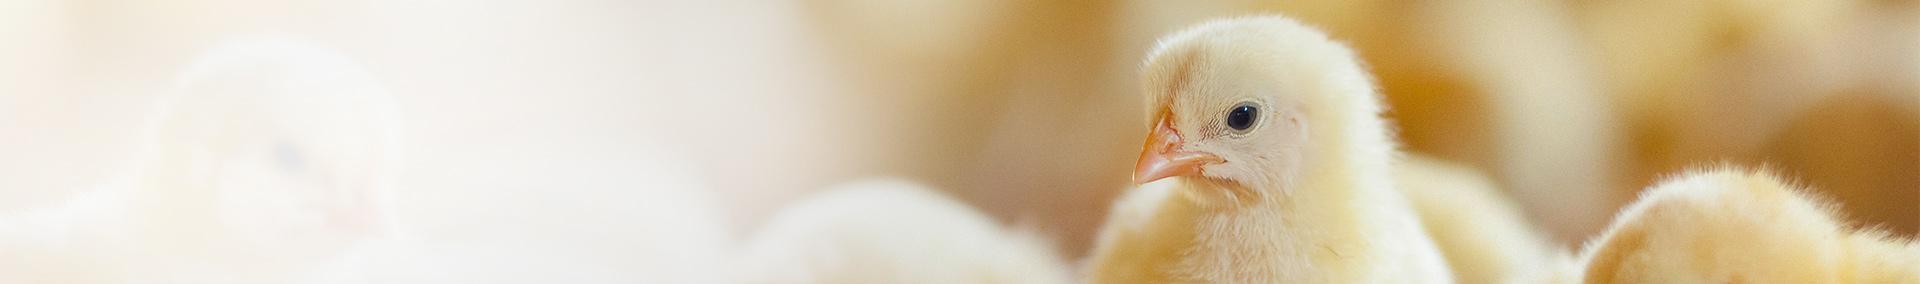 Żółte pisklęta